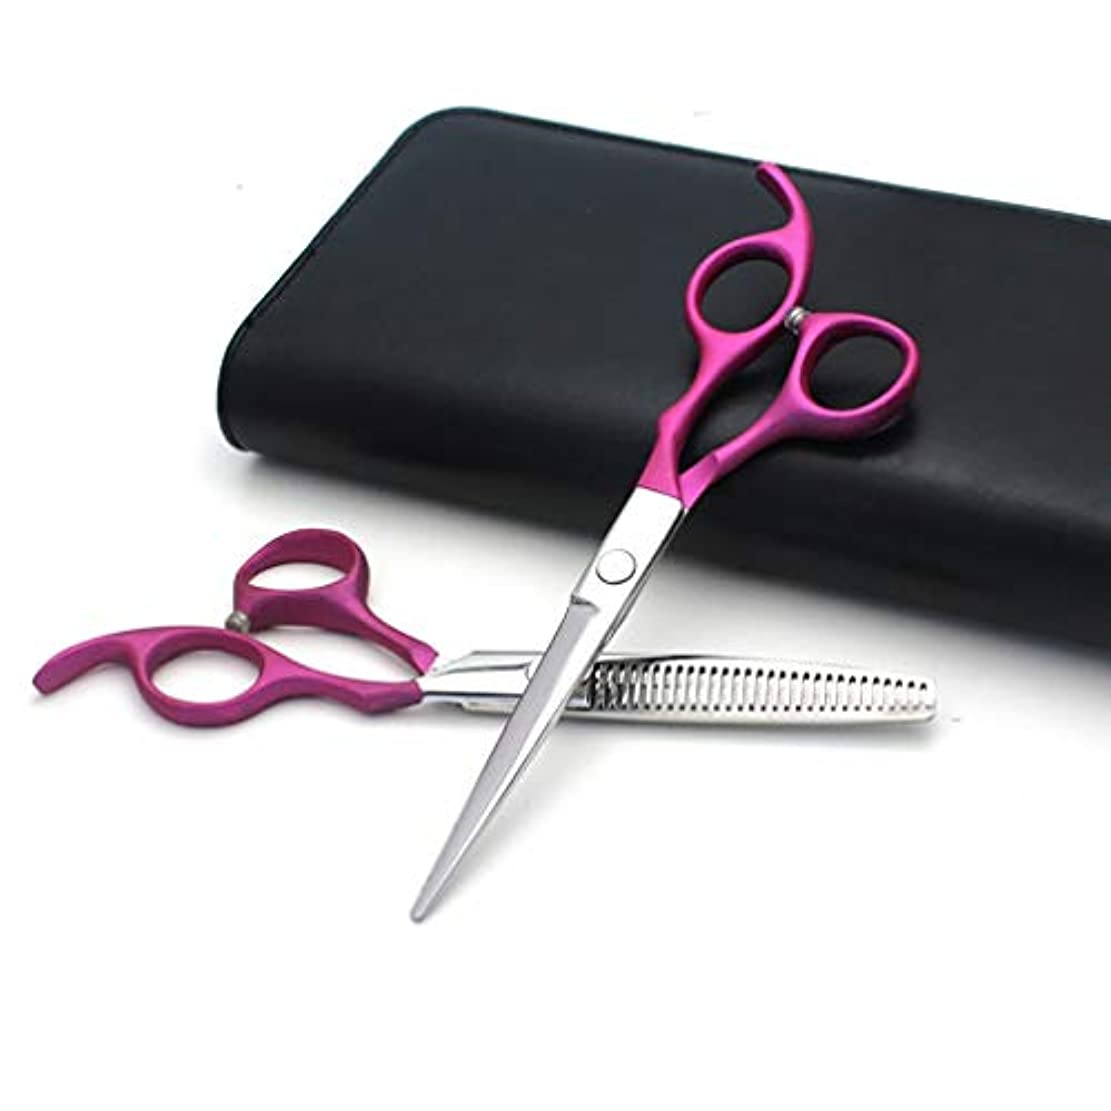 見落とす壊す棚美容院のはさみは6.0インチ、大広間、理髪師または家の使用のための専門の毛のはさみそして理髪の薄くなるはさみを、軽くそして鋭く設定します,Pink